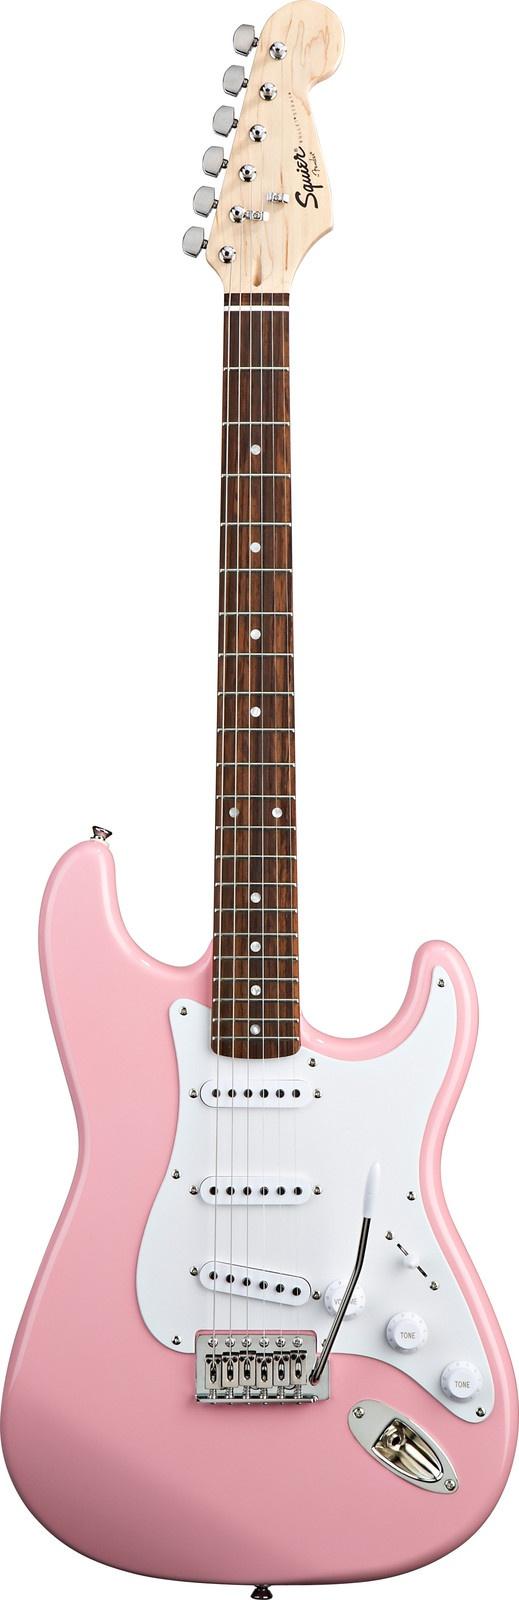 Squier Bullet Strat (Pink)   Sweetwater.com